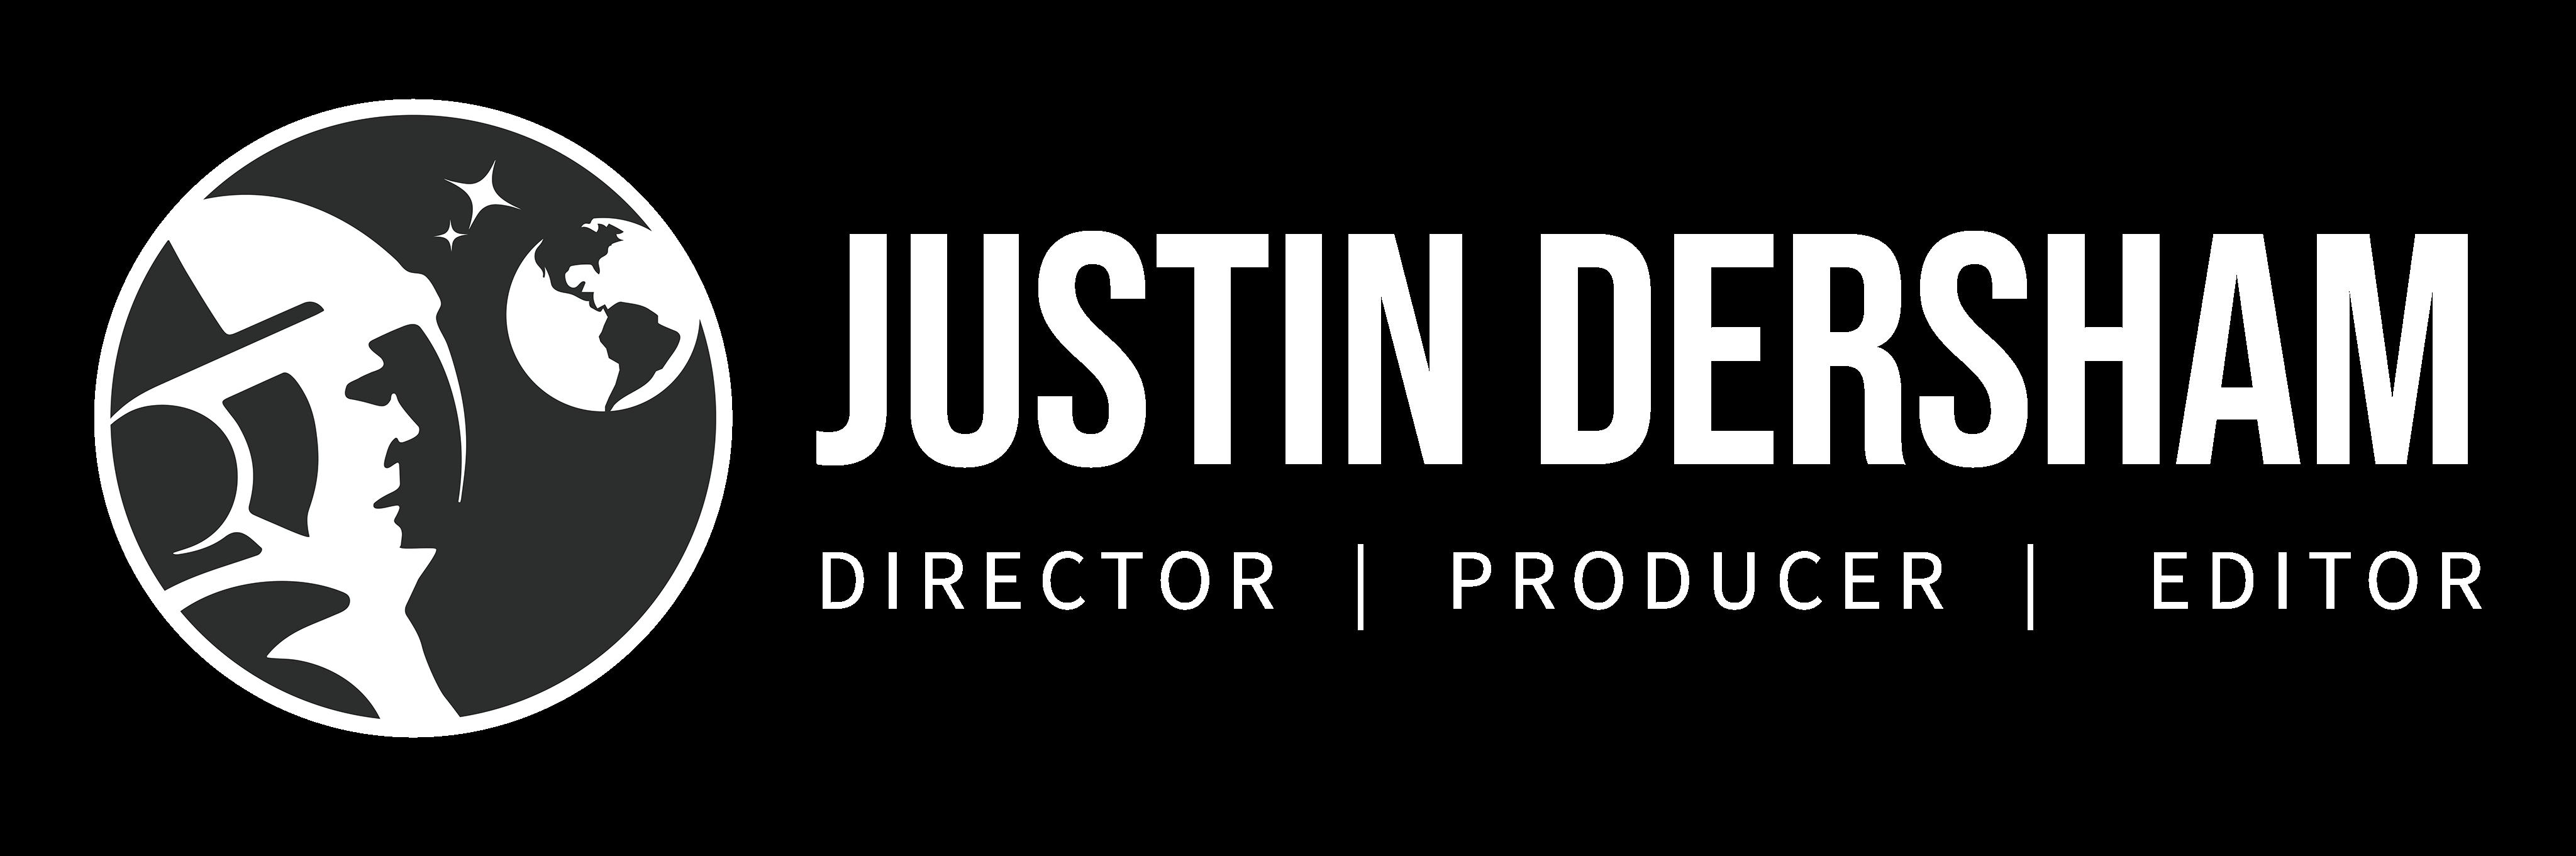 Justin Dersham